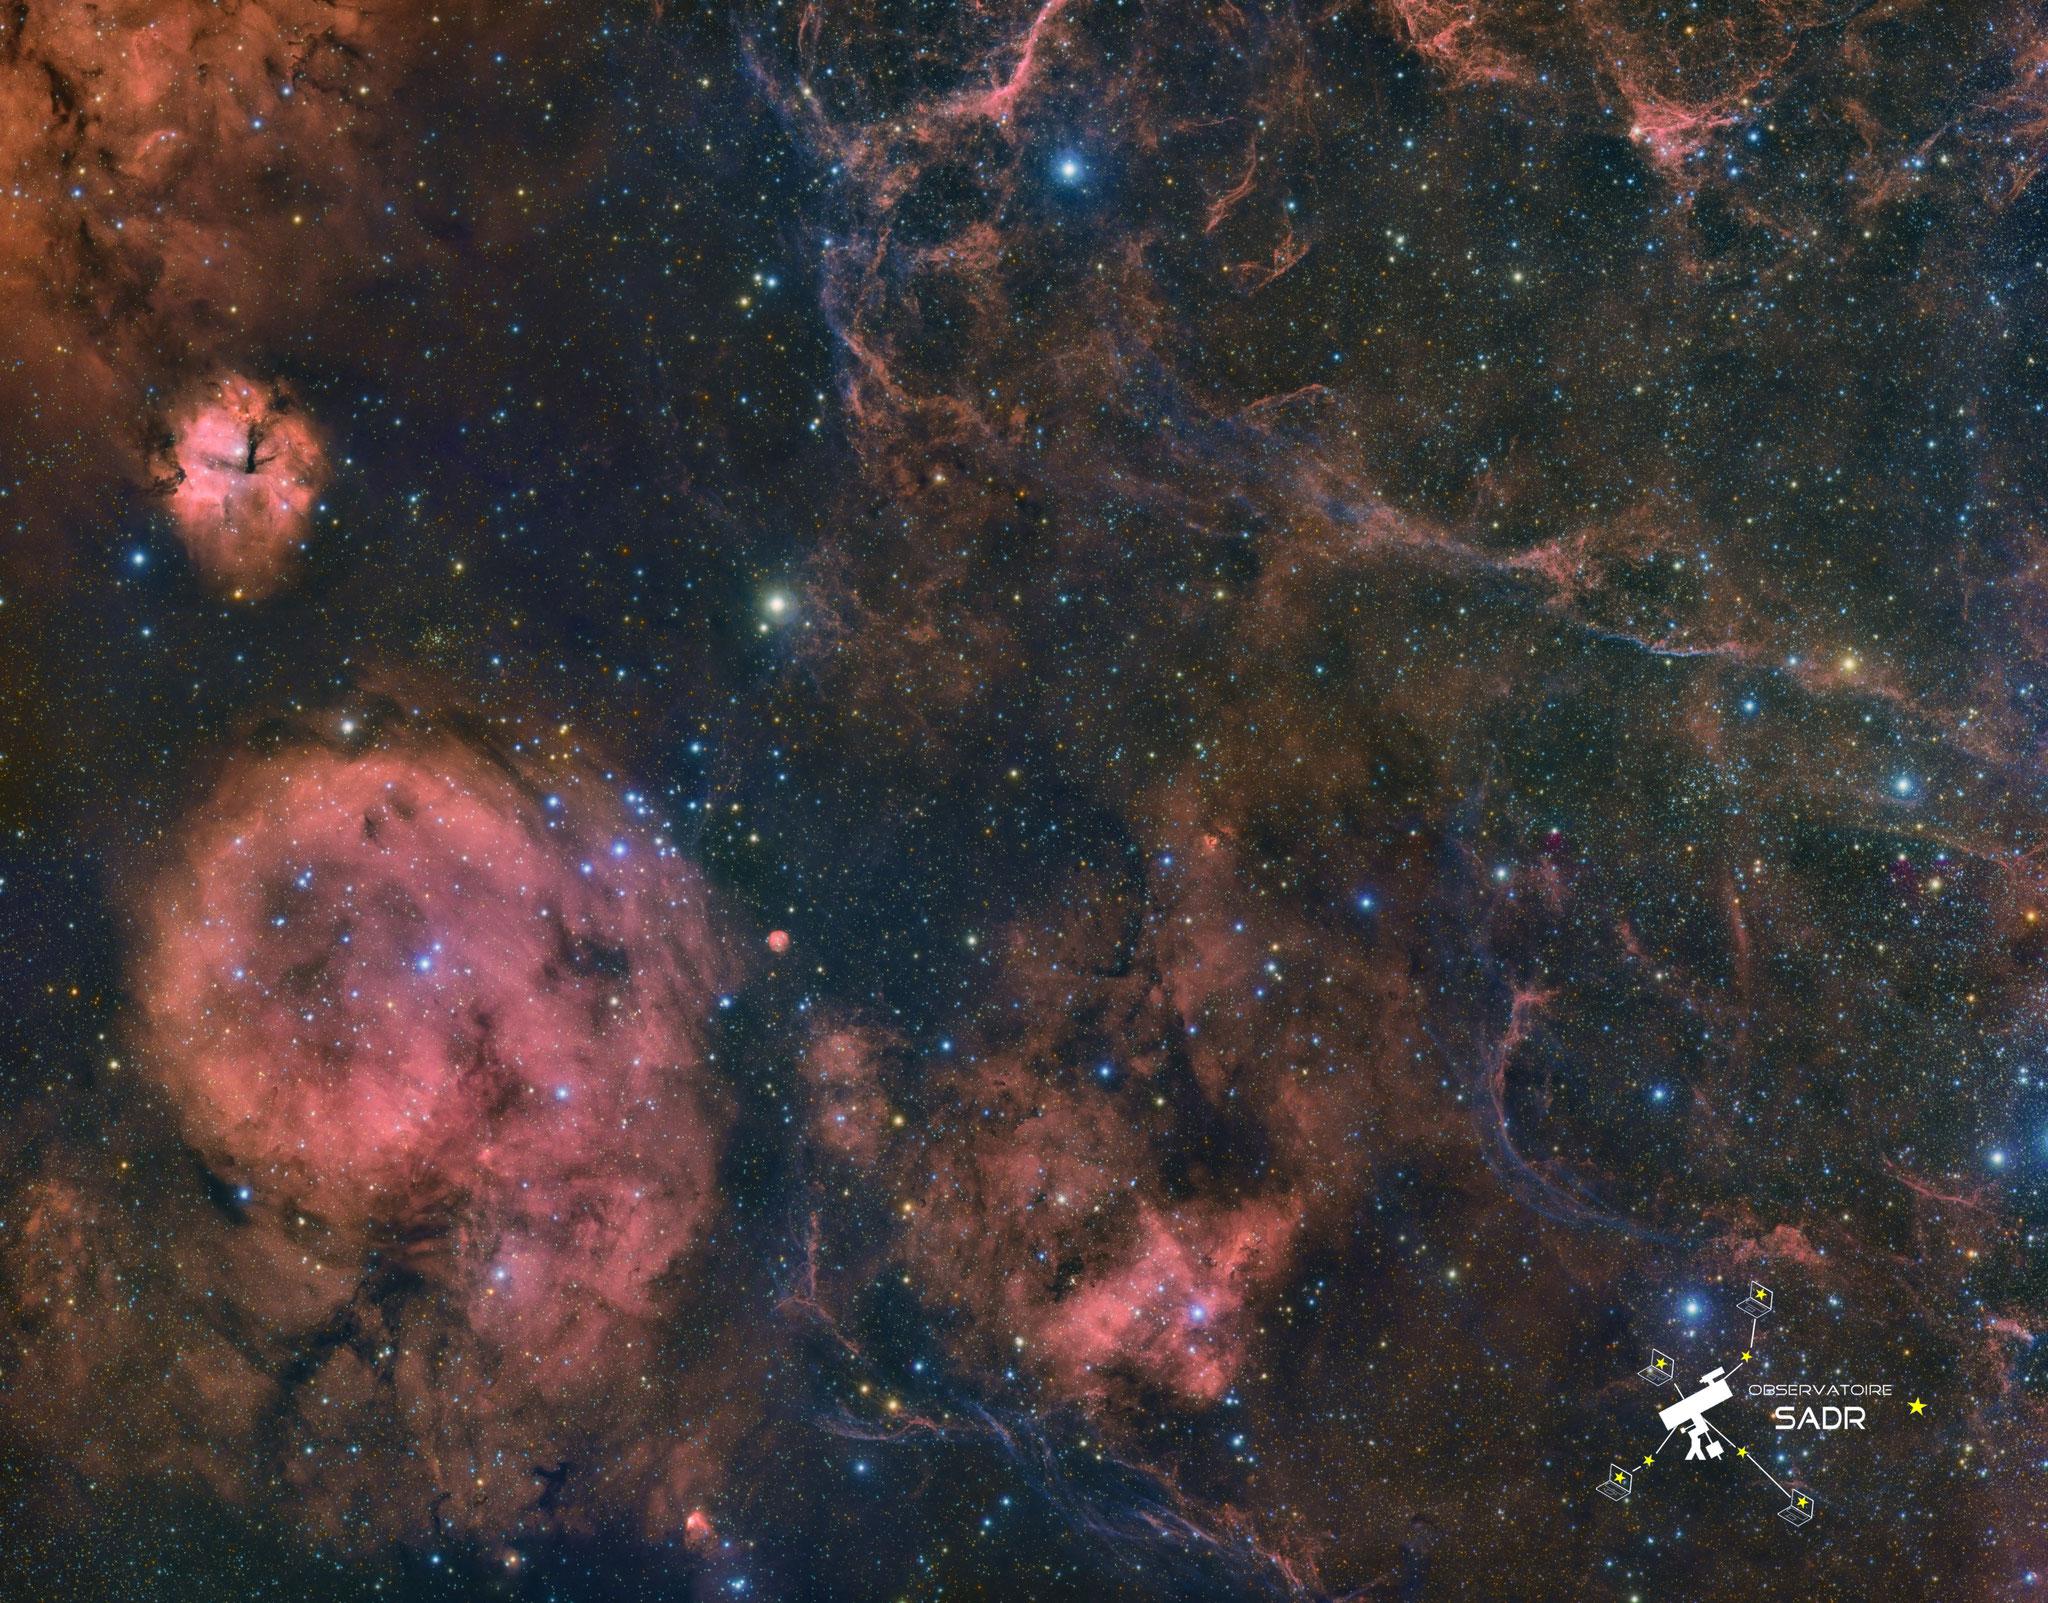 Nébuleuses dans la constellation des voiles, Fabien, Sadr Chili